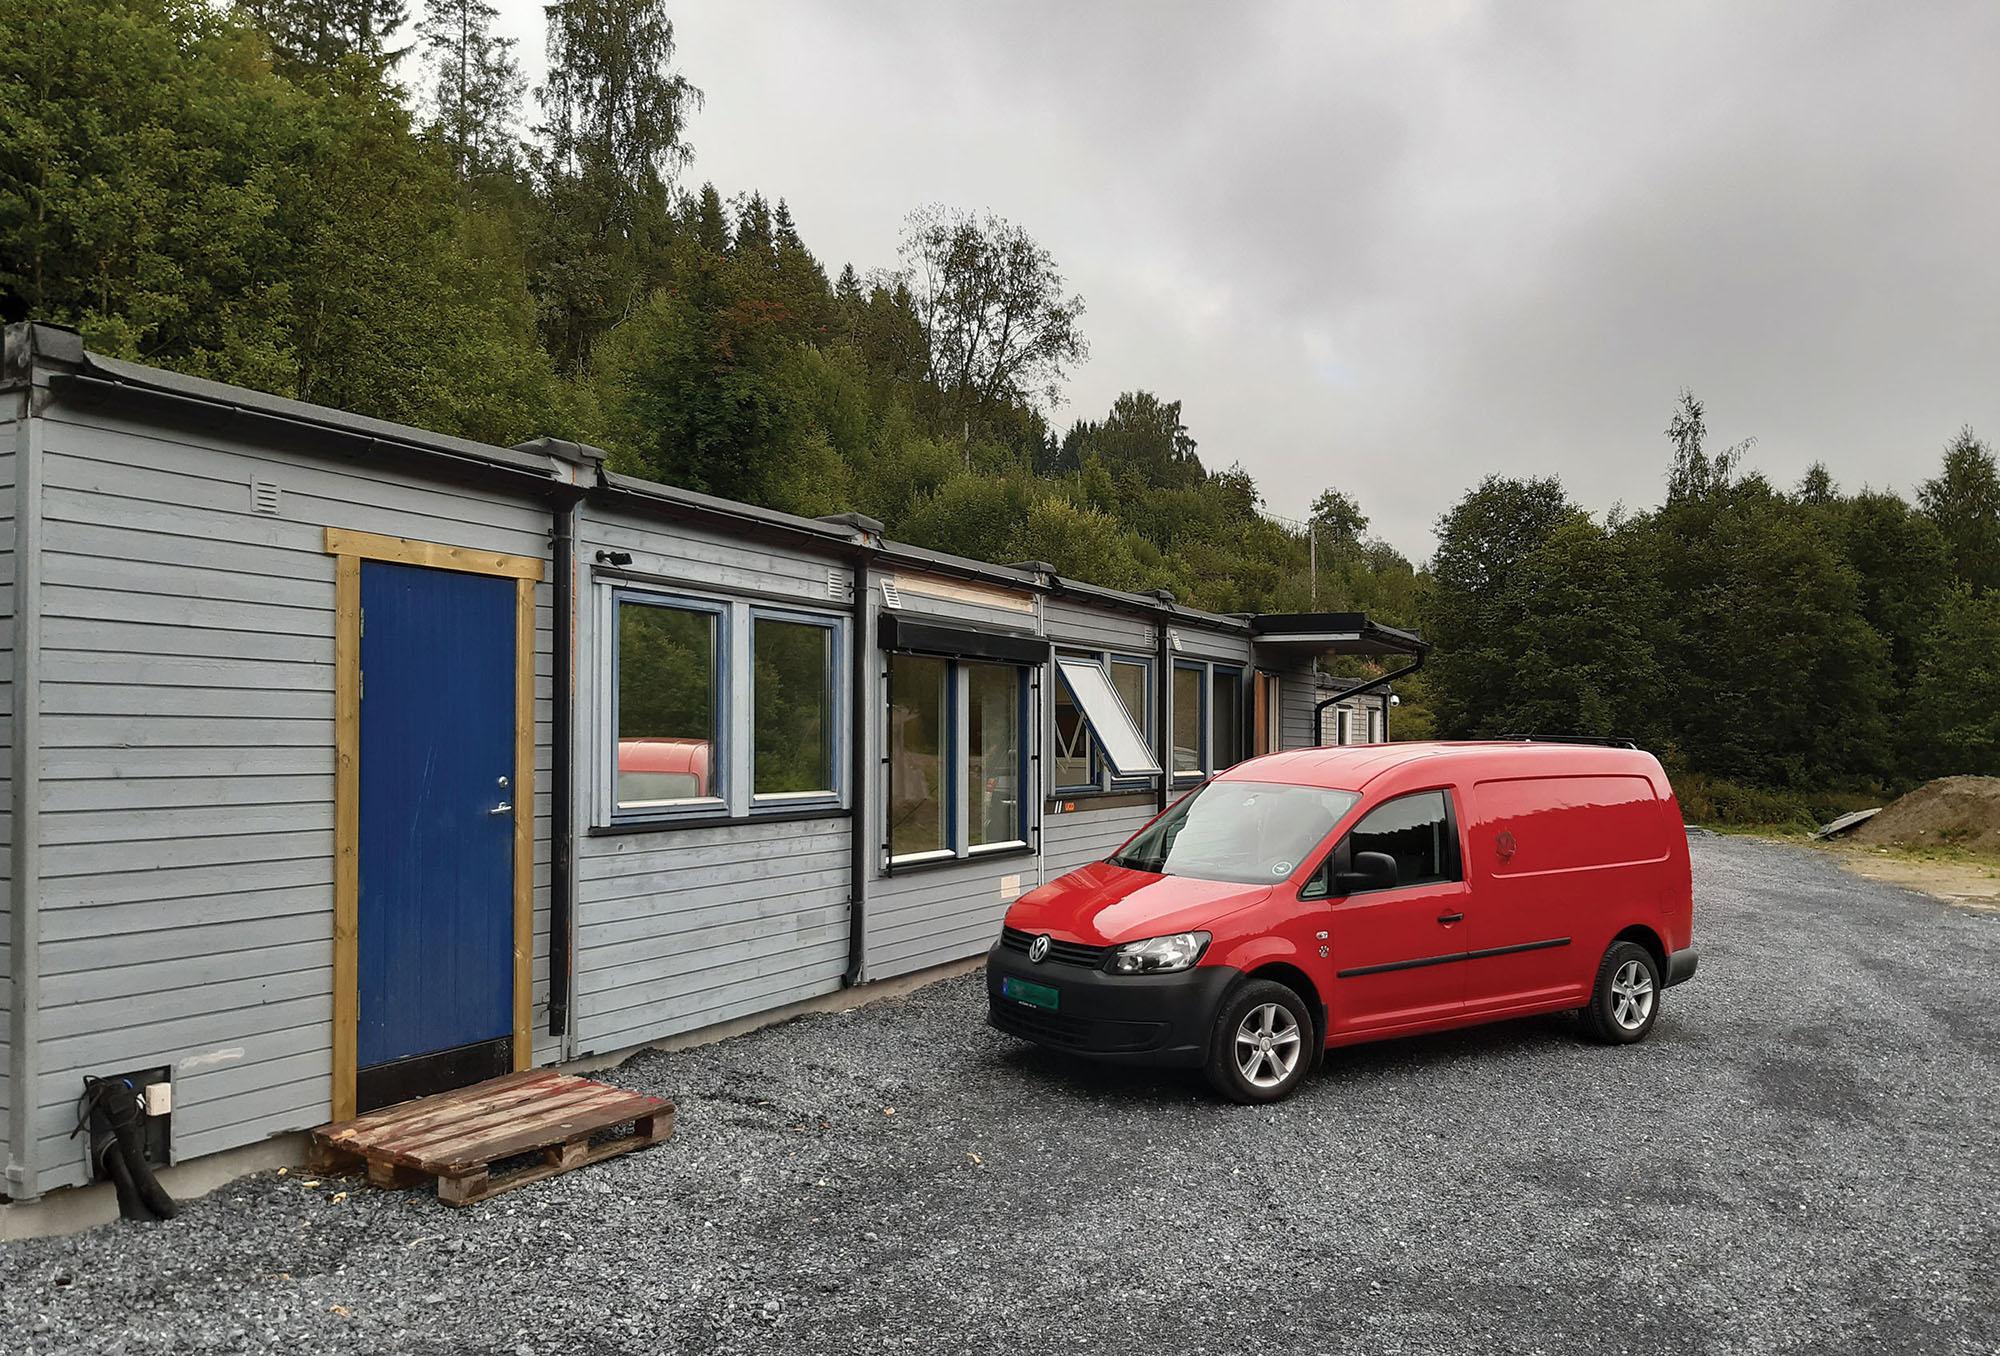 Hjelpesenteret er snart ferdig. Foto: Dyrebeskyttelsen Norge Nord-Trøndelag.